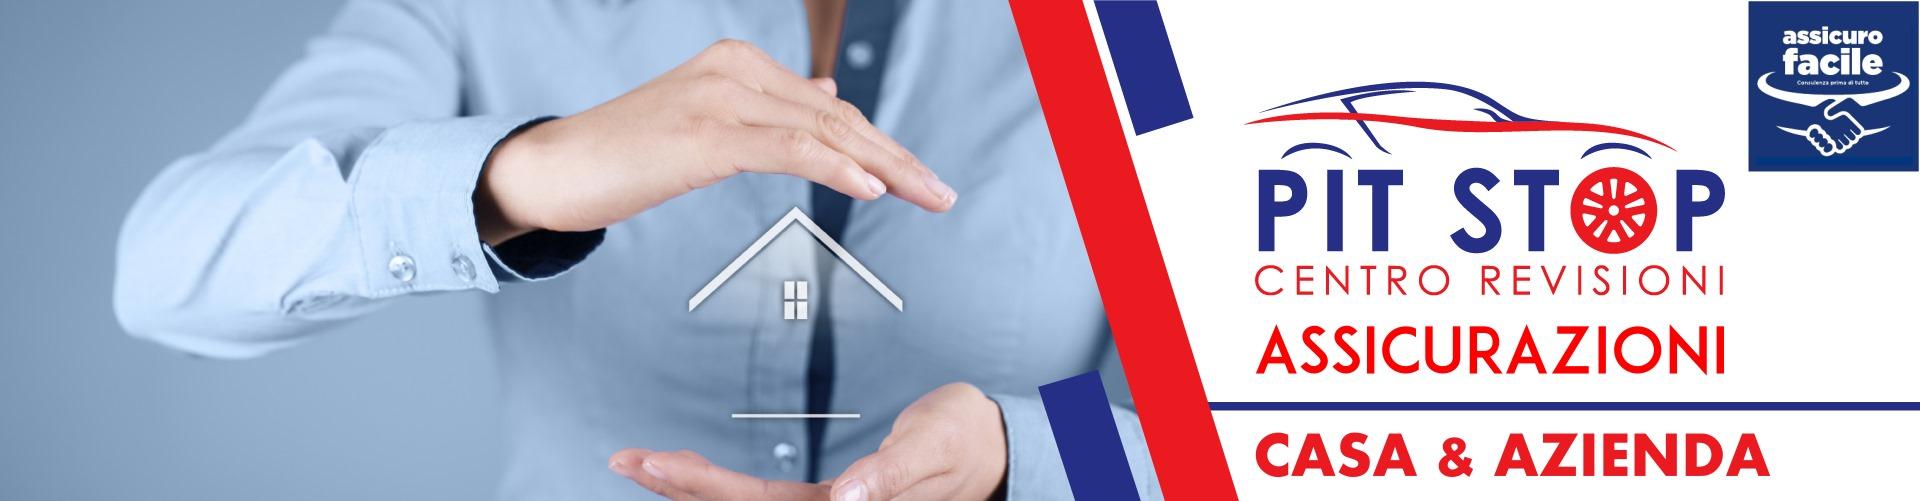 Assicurazione casa azienda lavoro Lariano